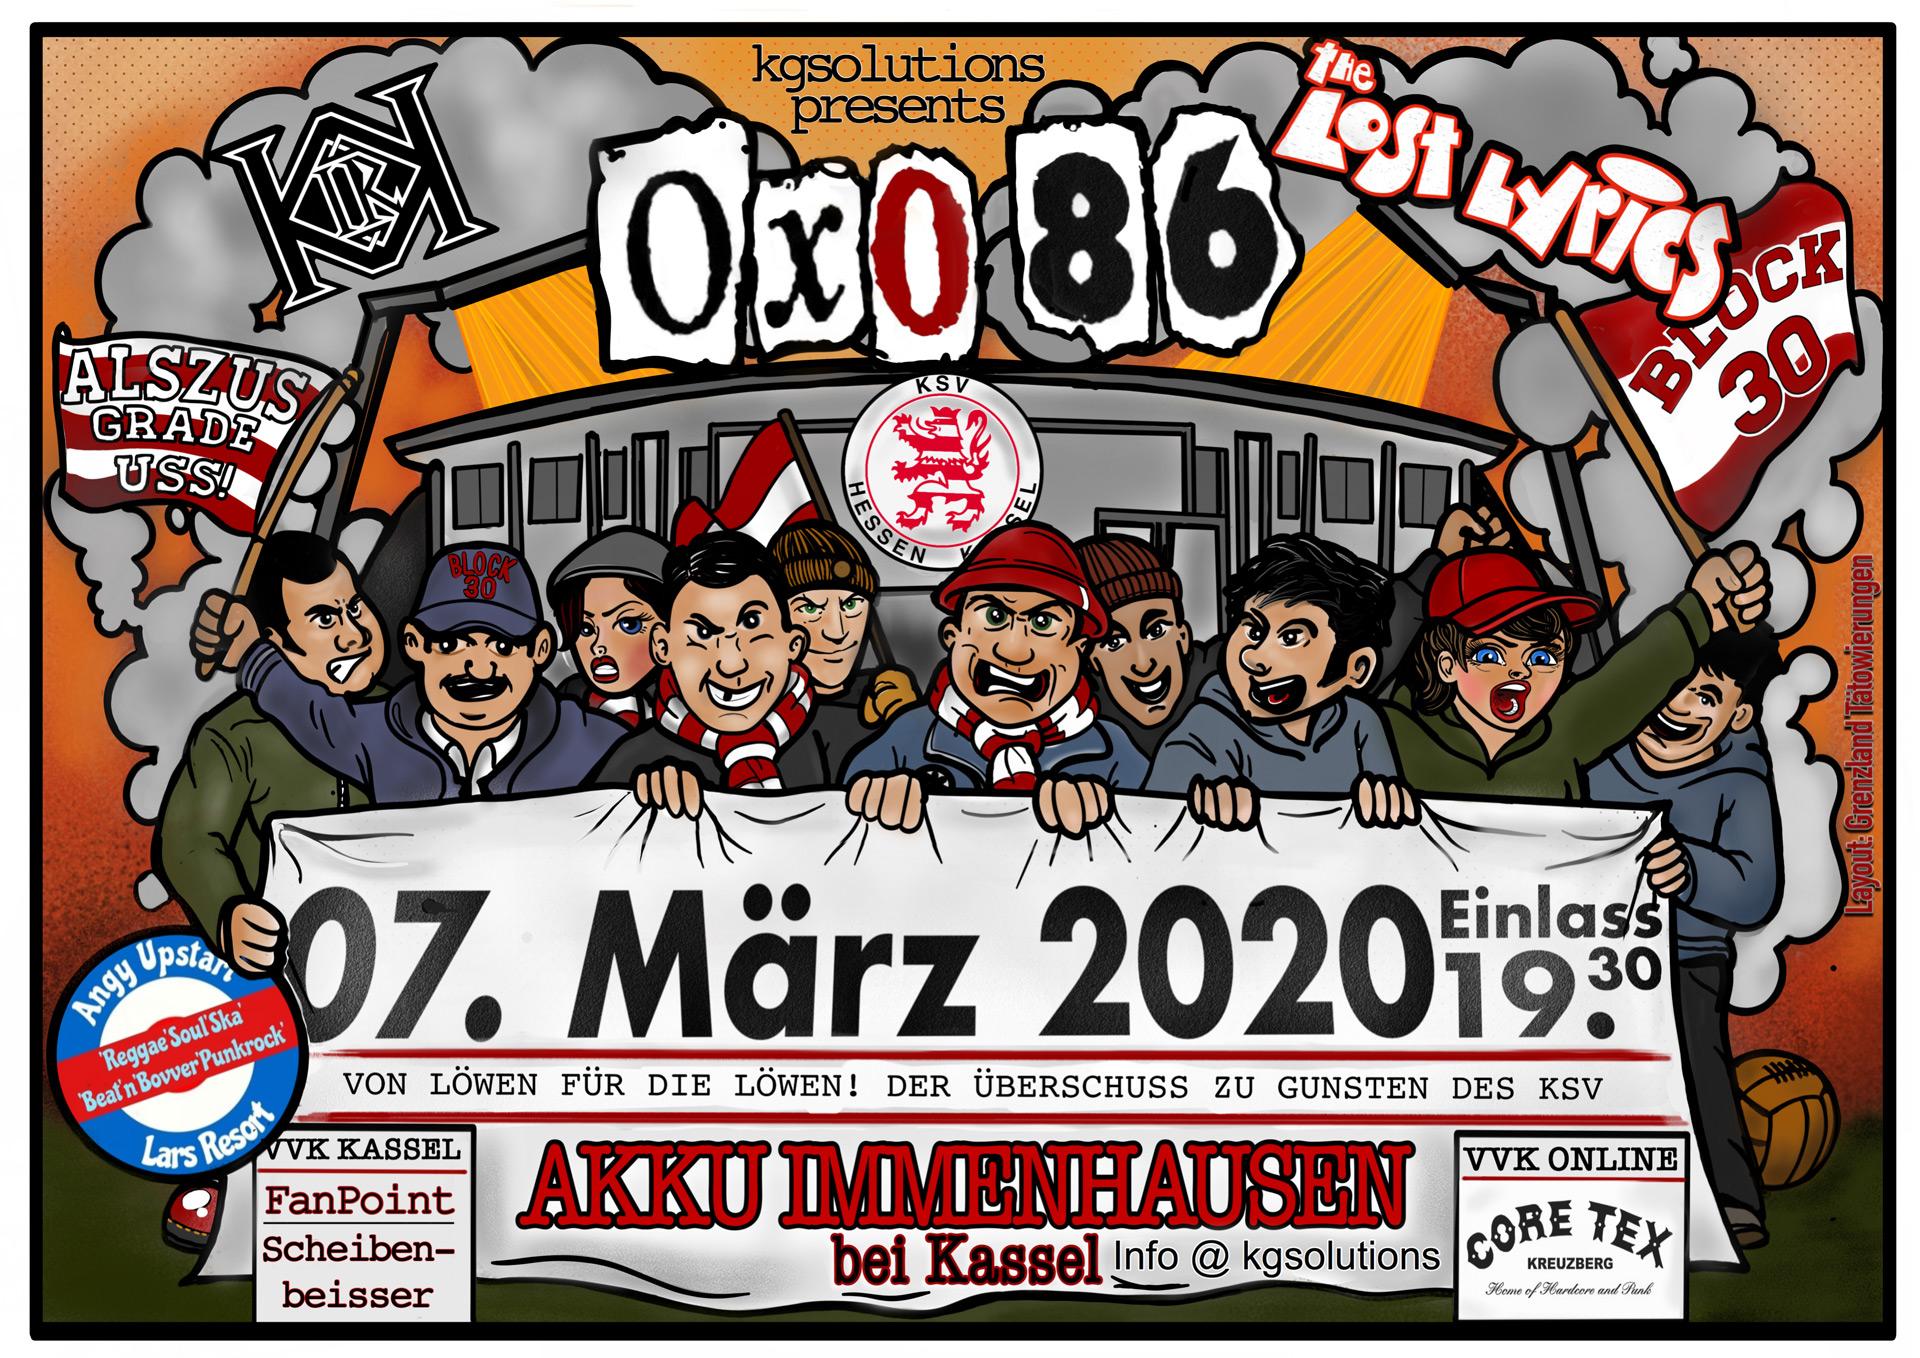 Von Löwen für Löwen - Konzert mit Oxo 86 am 7.3.2020 im Akku Immenhausen